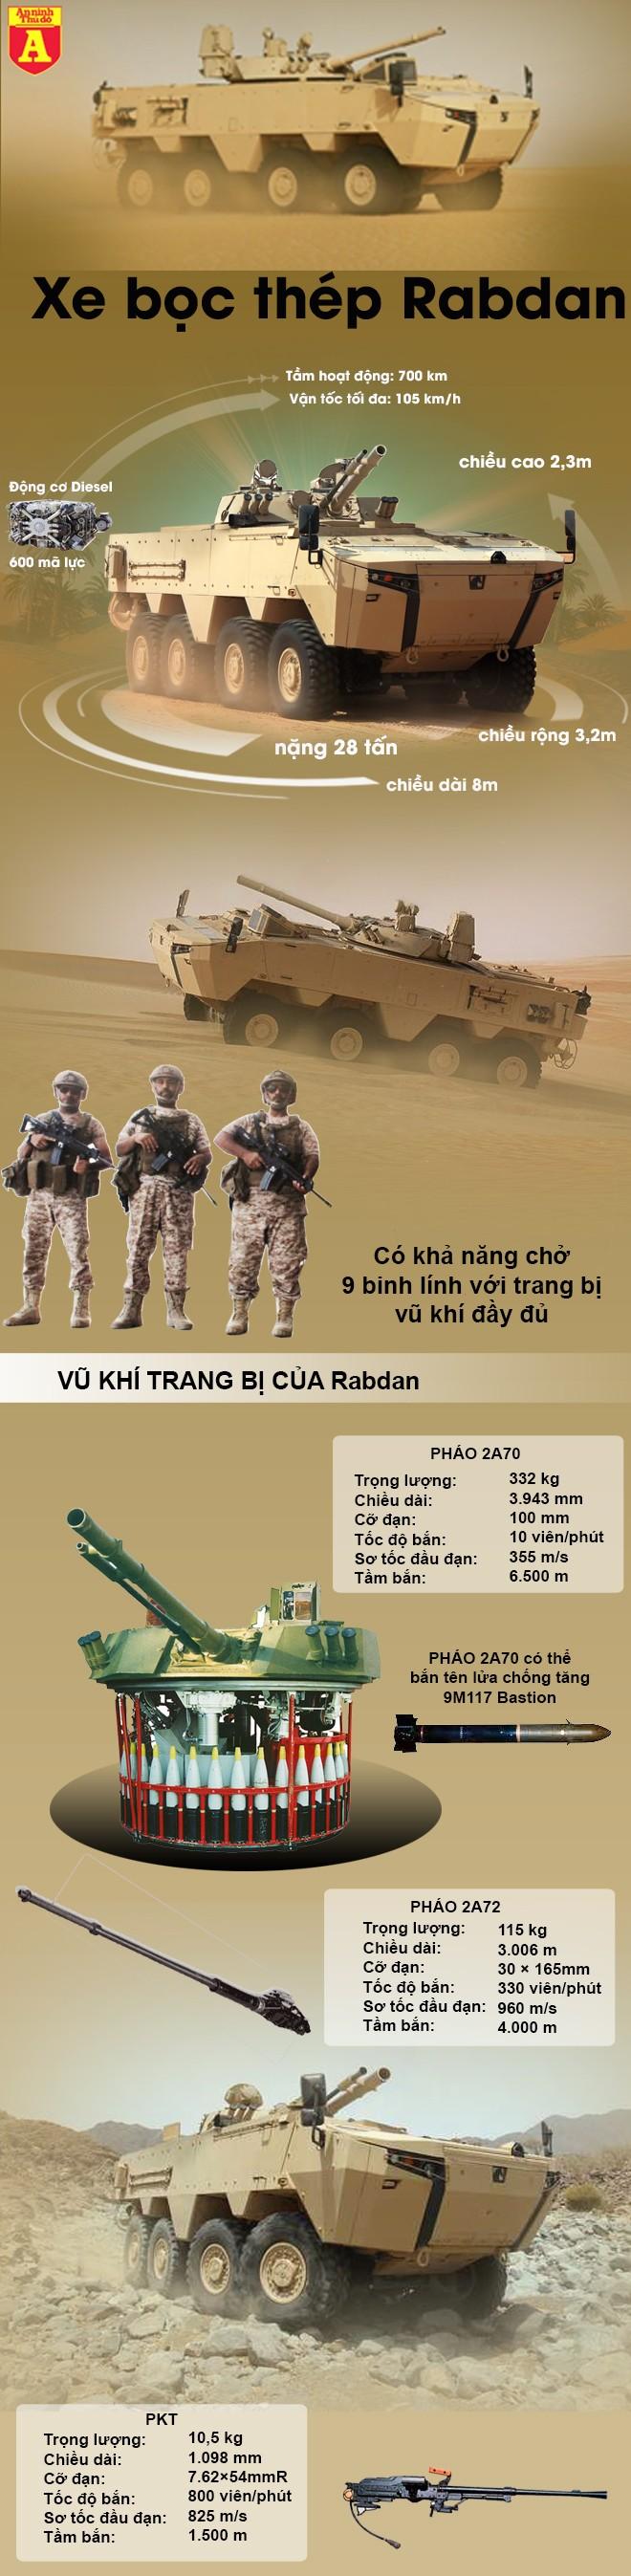 [Infographic] Khám phá loại xe chiến đấu bộ binh kết hợp tinh hoa quốc phòng phương Tây và Nga ảnh 2